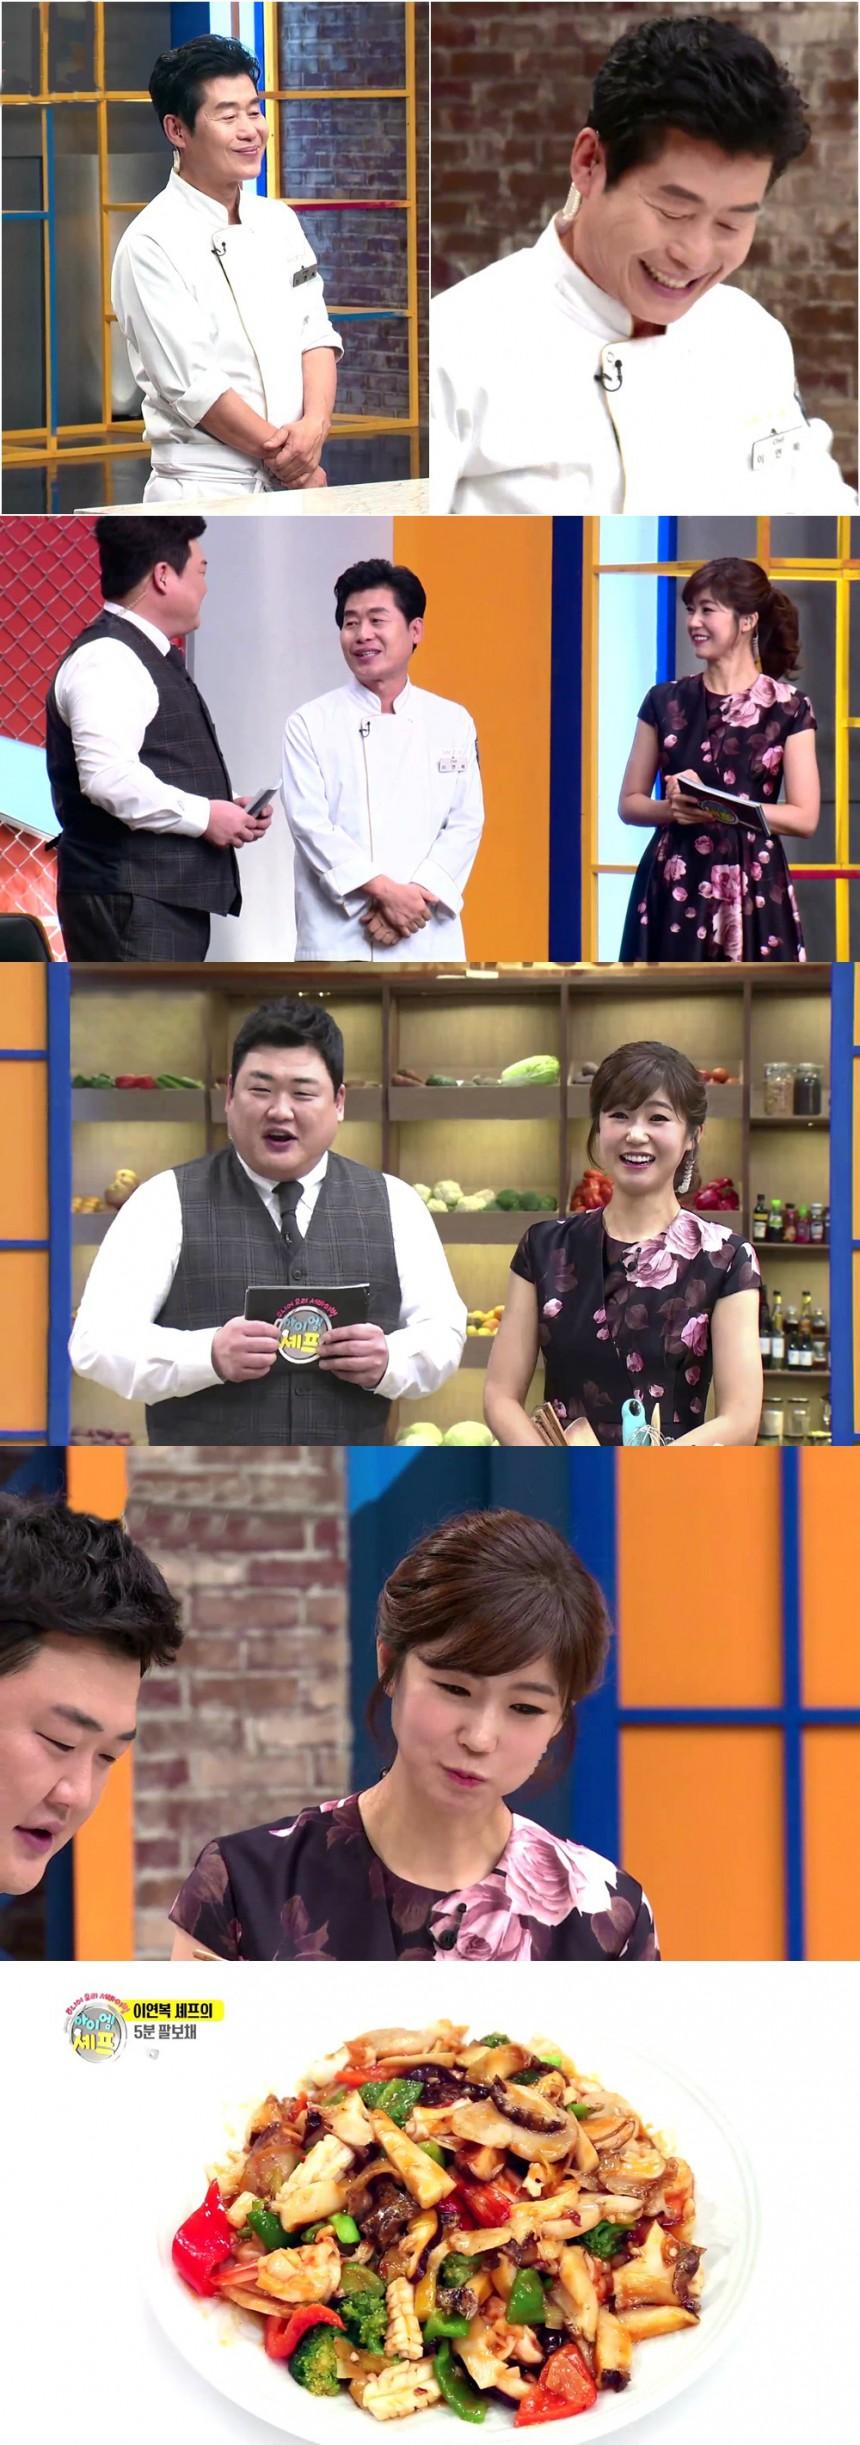 이연복 / TV조선 '아이엠셰프'